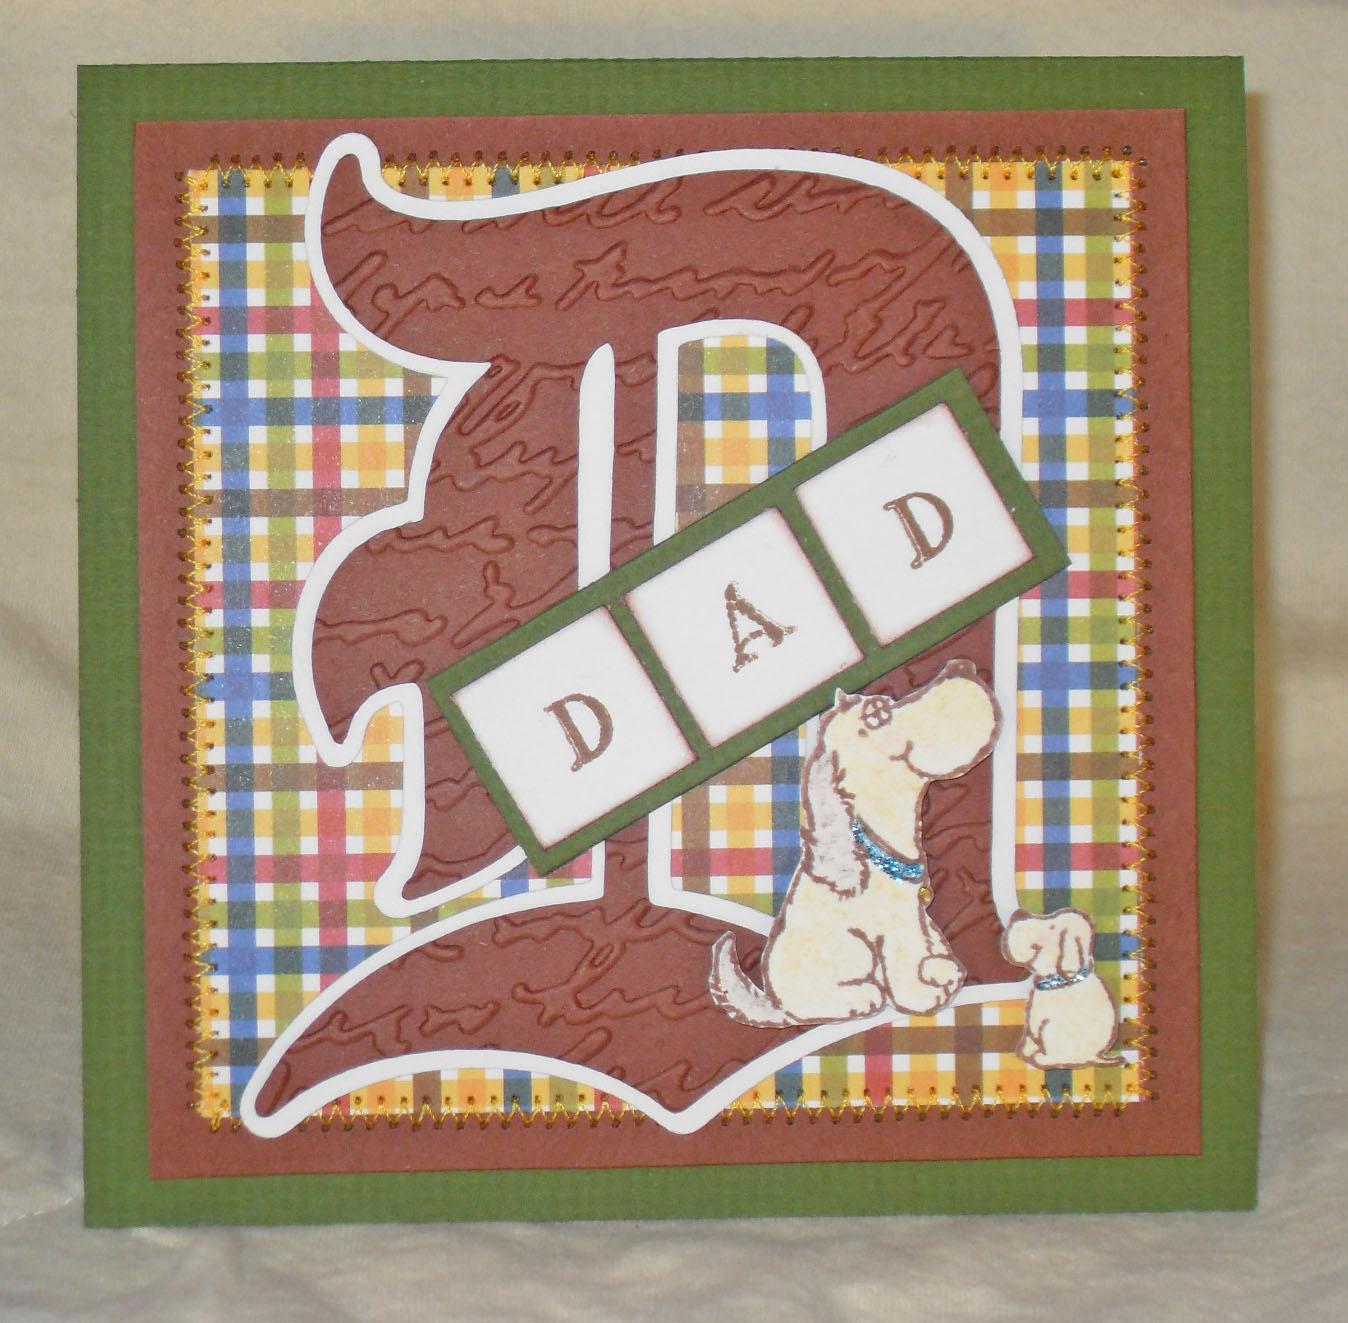 Lisa S Tool Time Father S Day Card: DZ Doodles Digital Stamps: DZ Doodles; Crochet Embellished